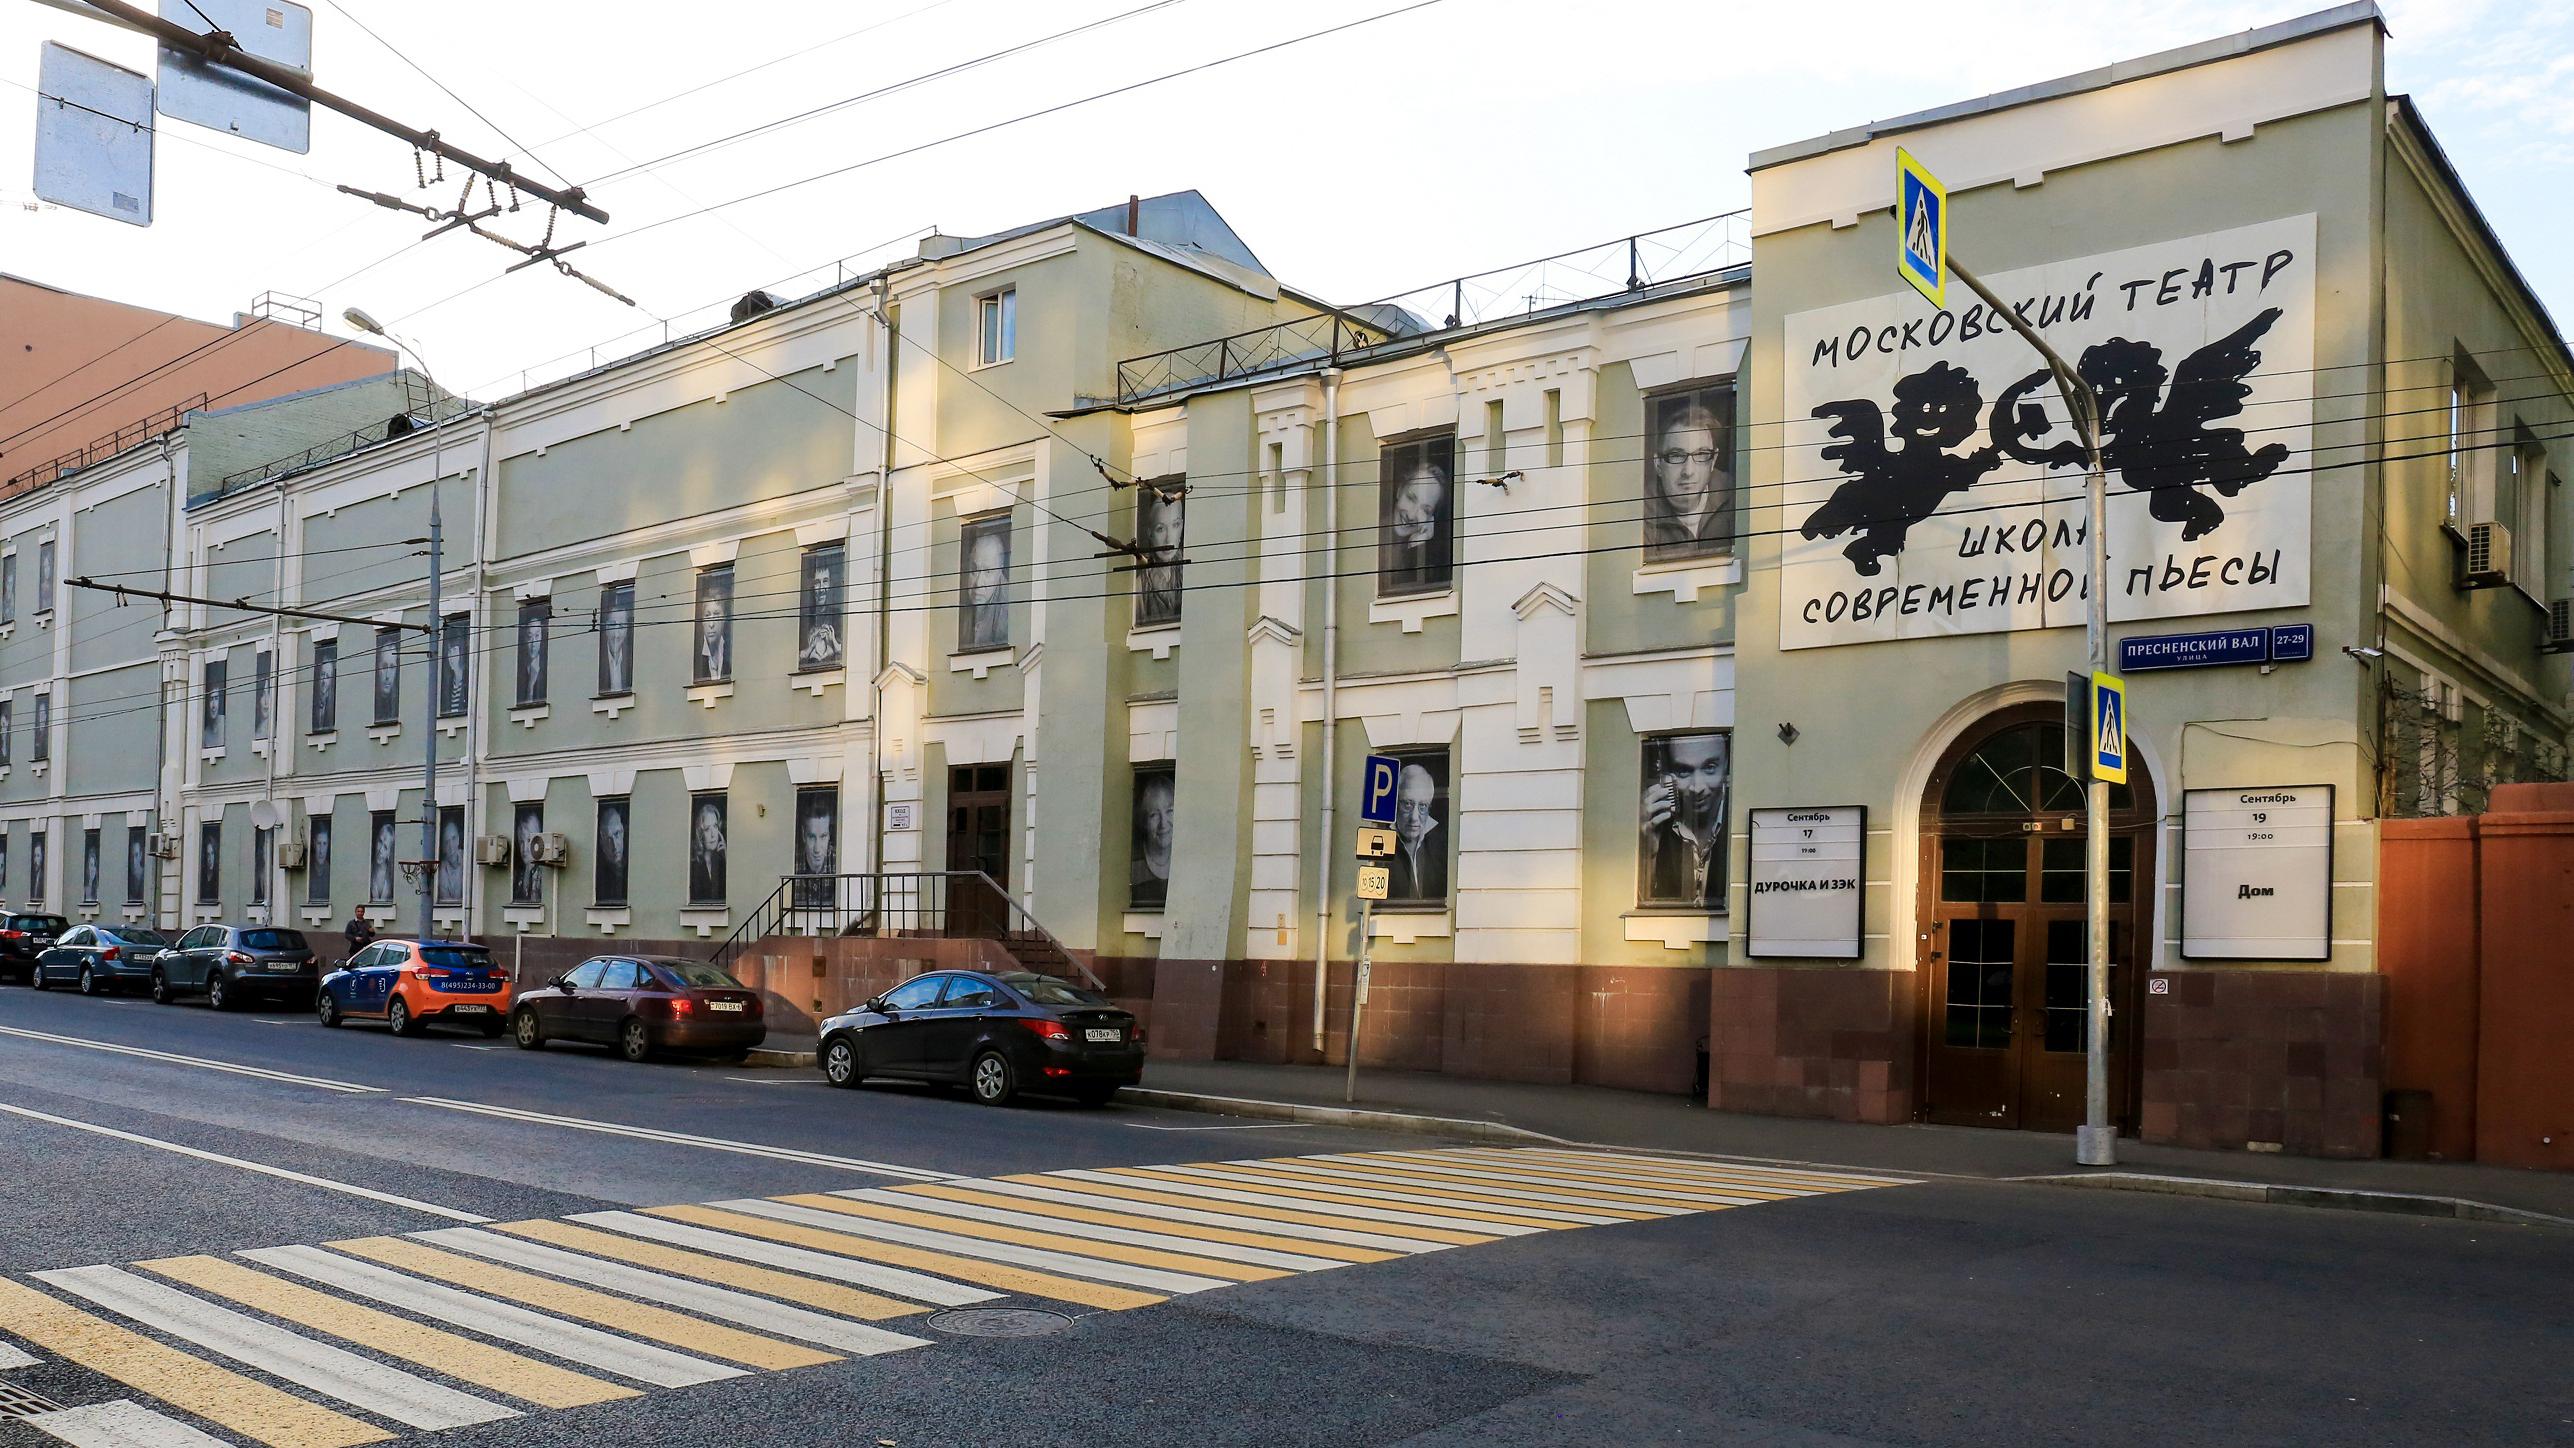 афиша театра дунина марцинкевича в бобруйске